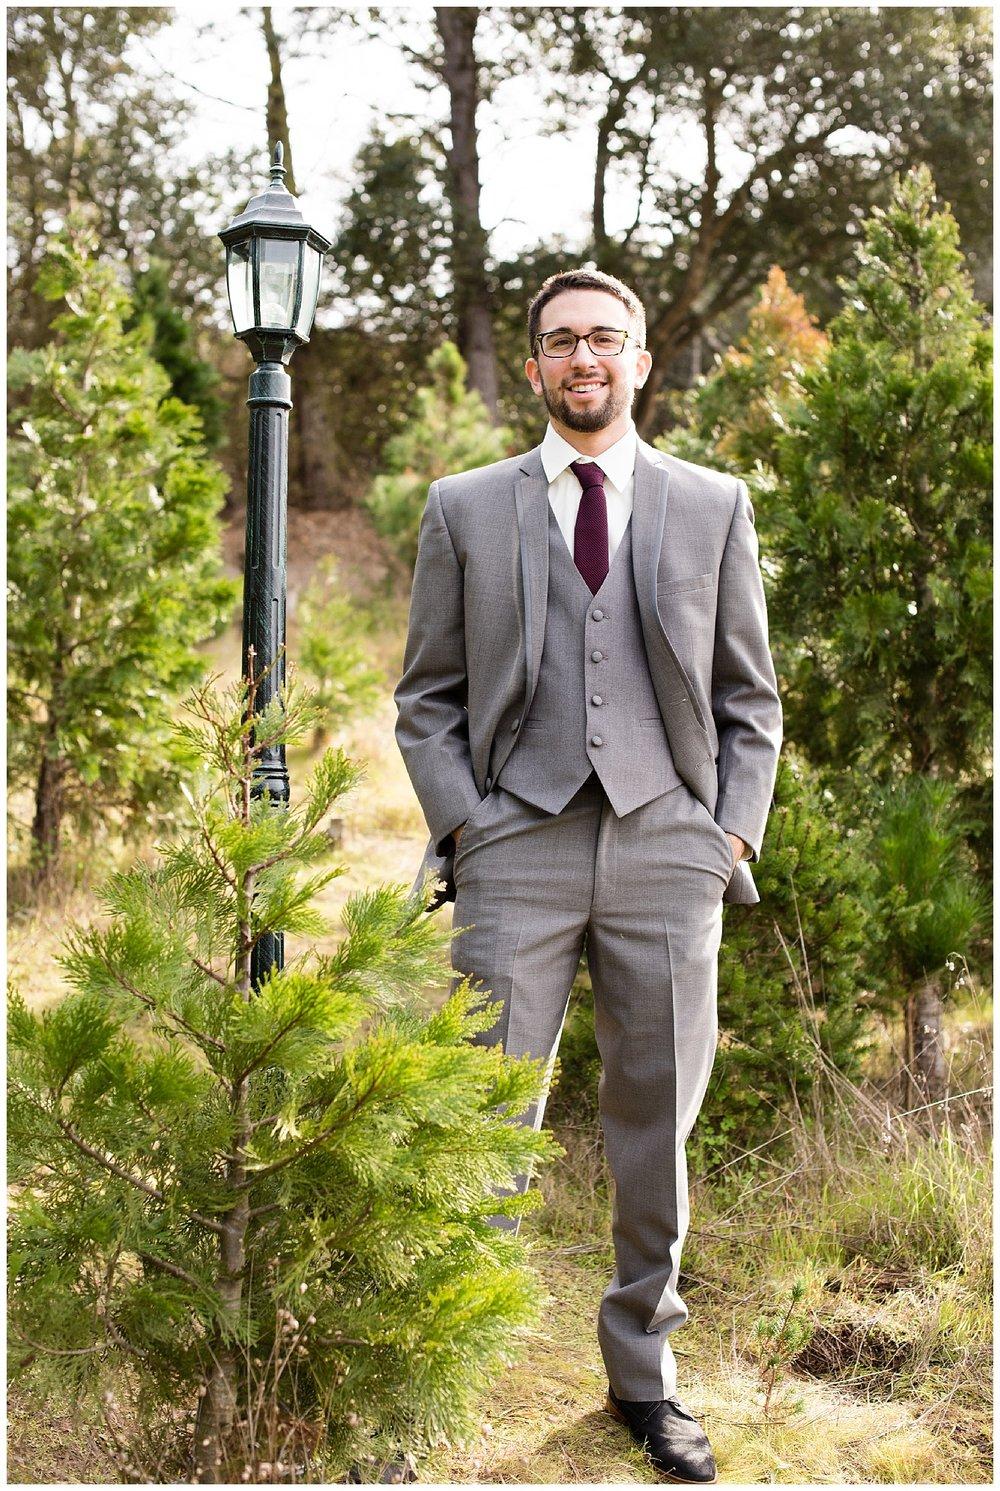 christmas-tree-farm-groom-suit.jpg